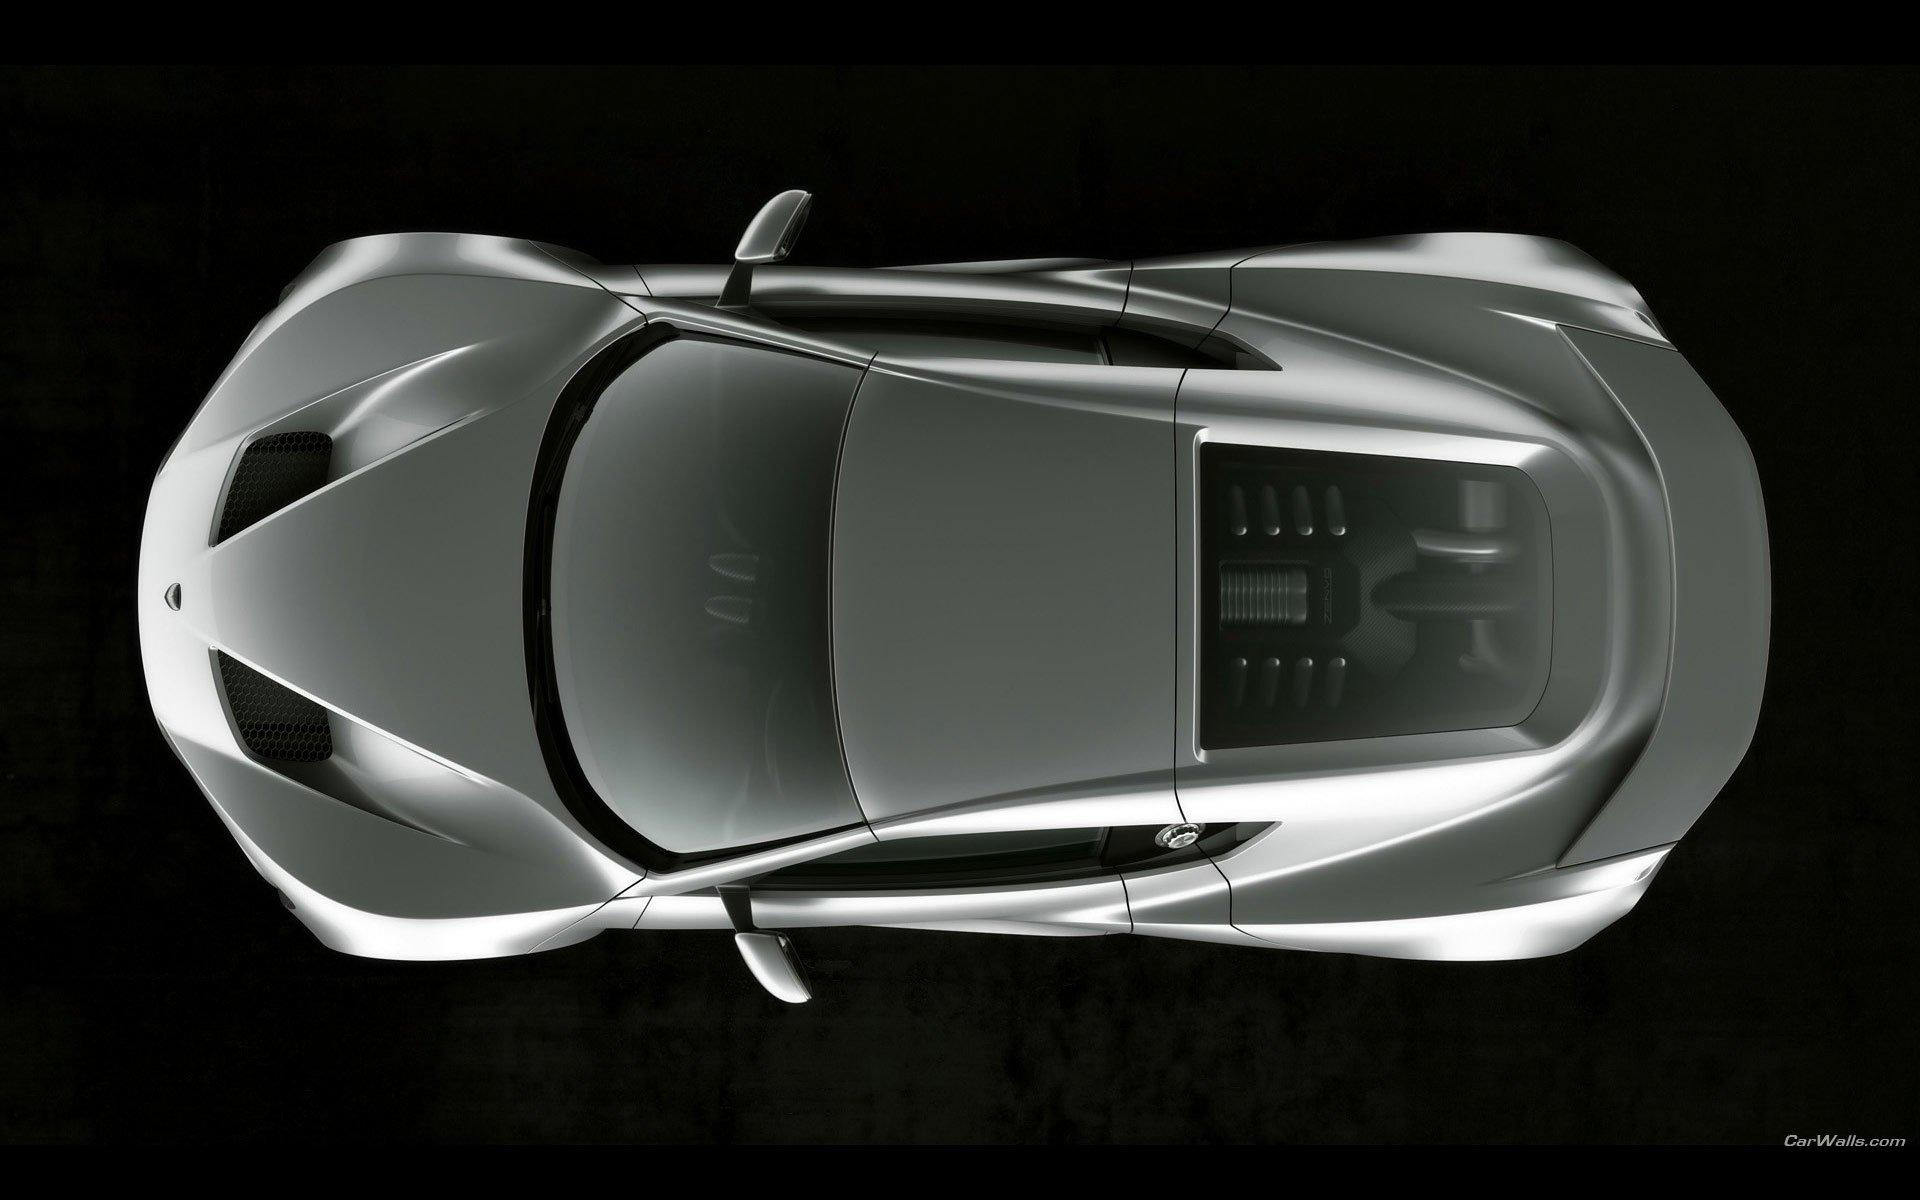 座驾 - Zenvo ST1  Silver Car 汽车 交通工具 Supercar Zenvo 壁纸